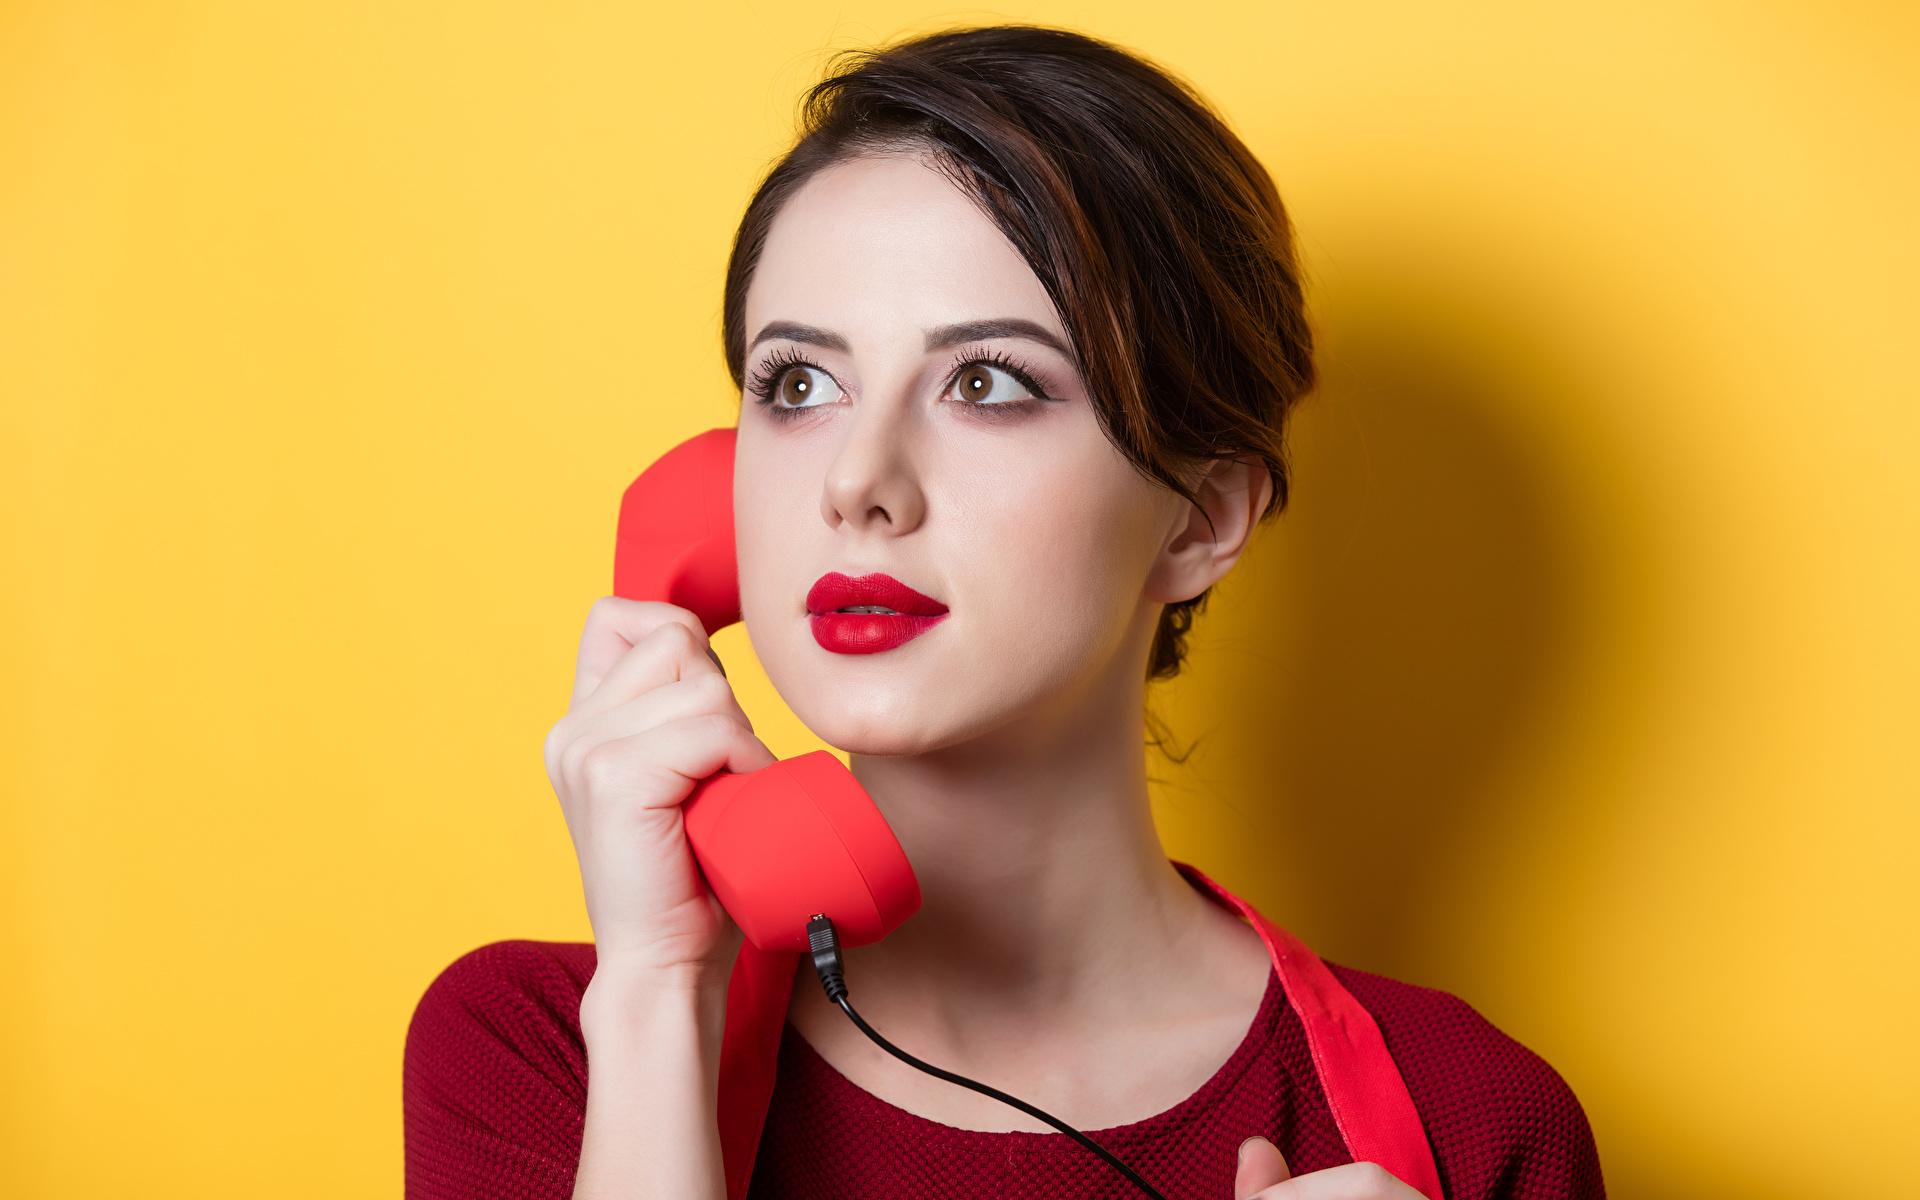 Фотография Шатенка Девушки Телефон Взгляд Цветной фон 1920x1200 смотрит